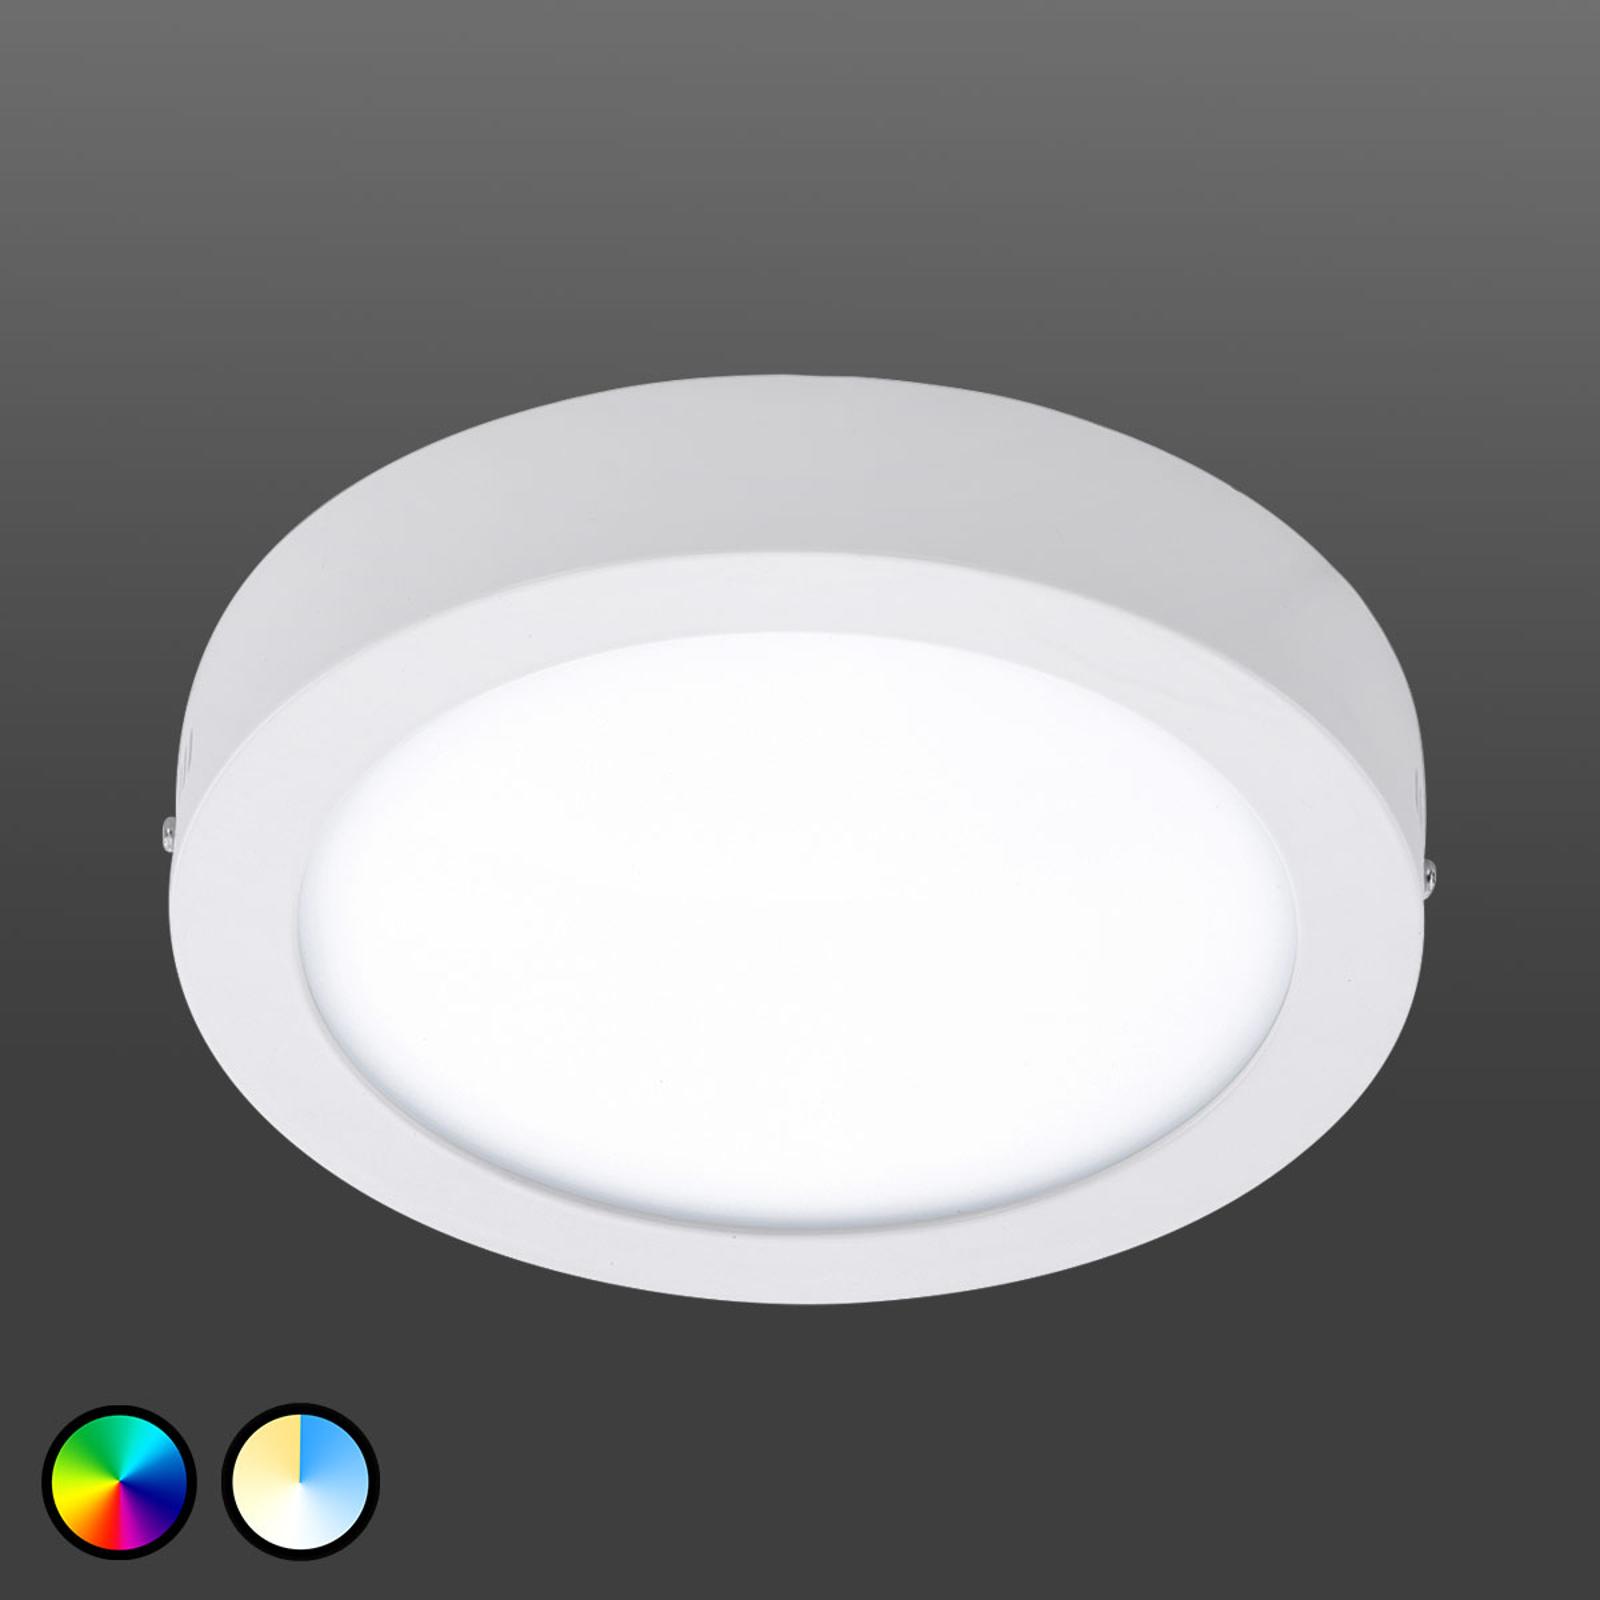 EGLO connect Fueva-C Deckenlampe rund 22.5cm weiß